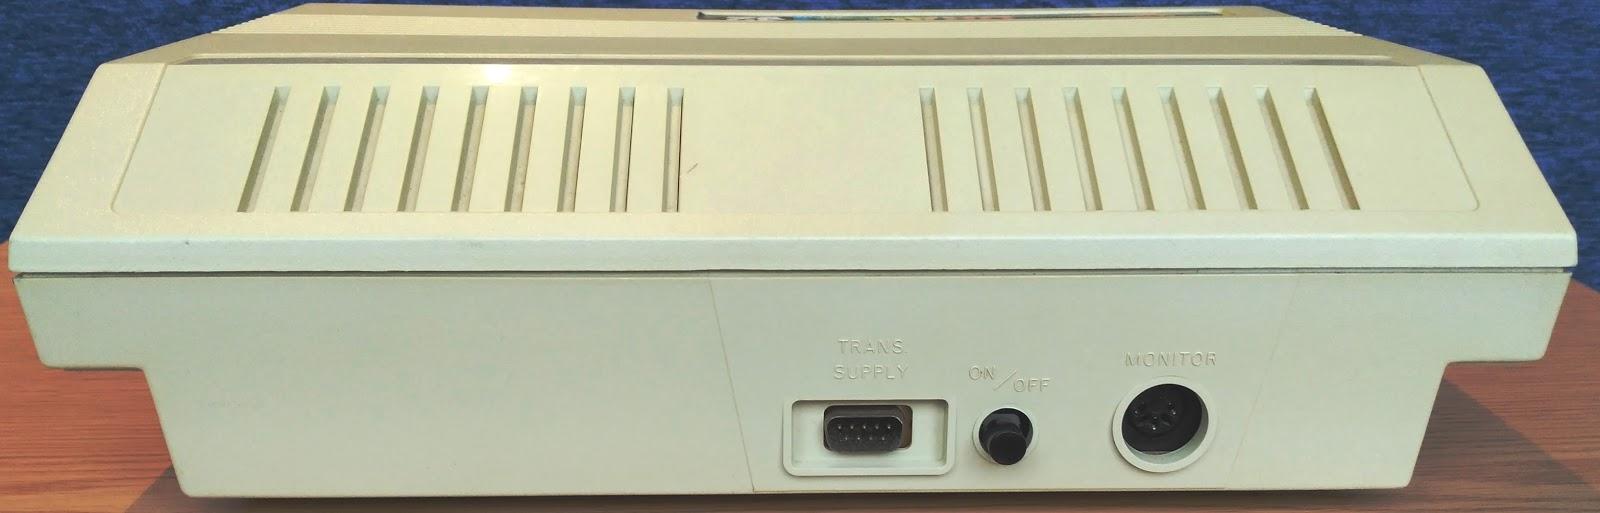 Retro Ordenadores Orty Ordenadores Trs 80 Color Computer